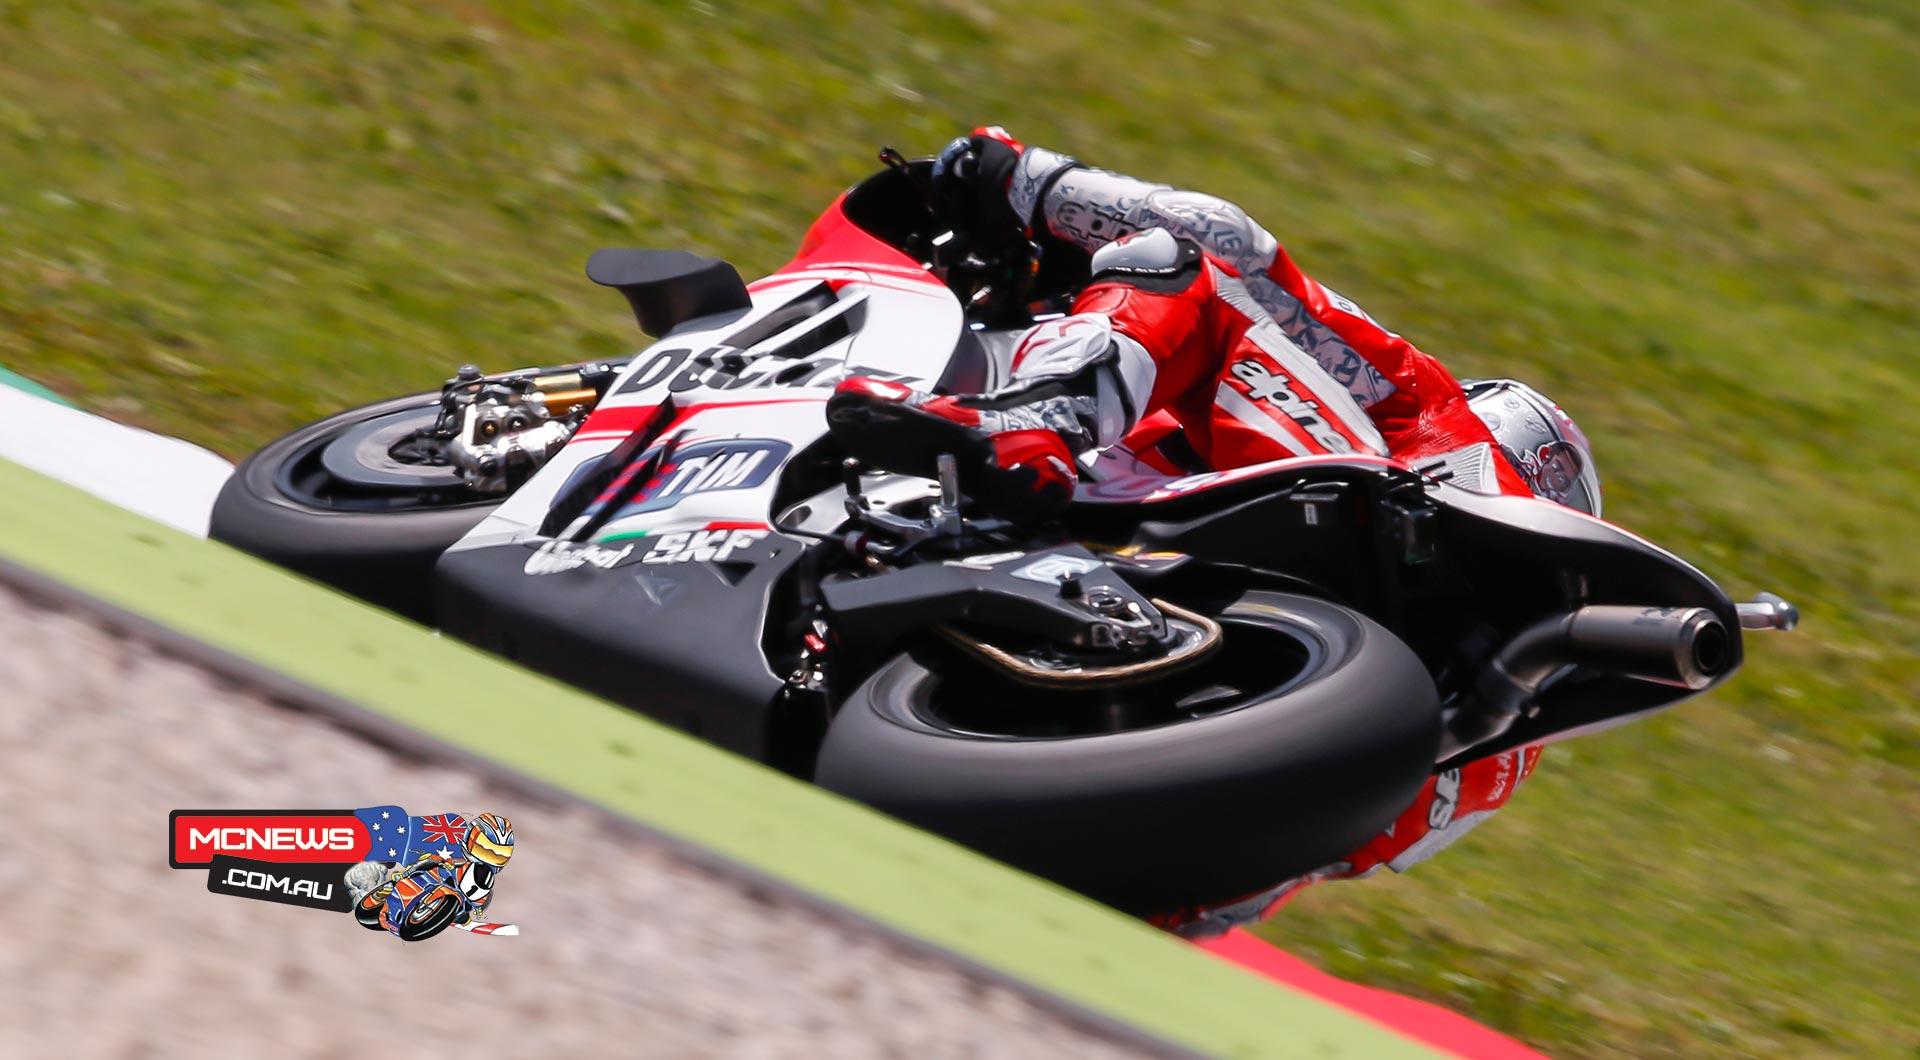 Dovizioso and Ducati dominate opening day at Mugello